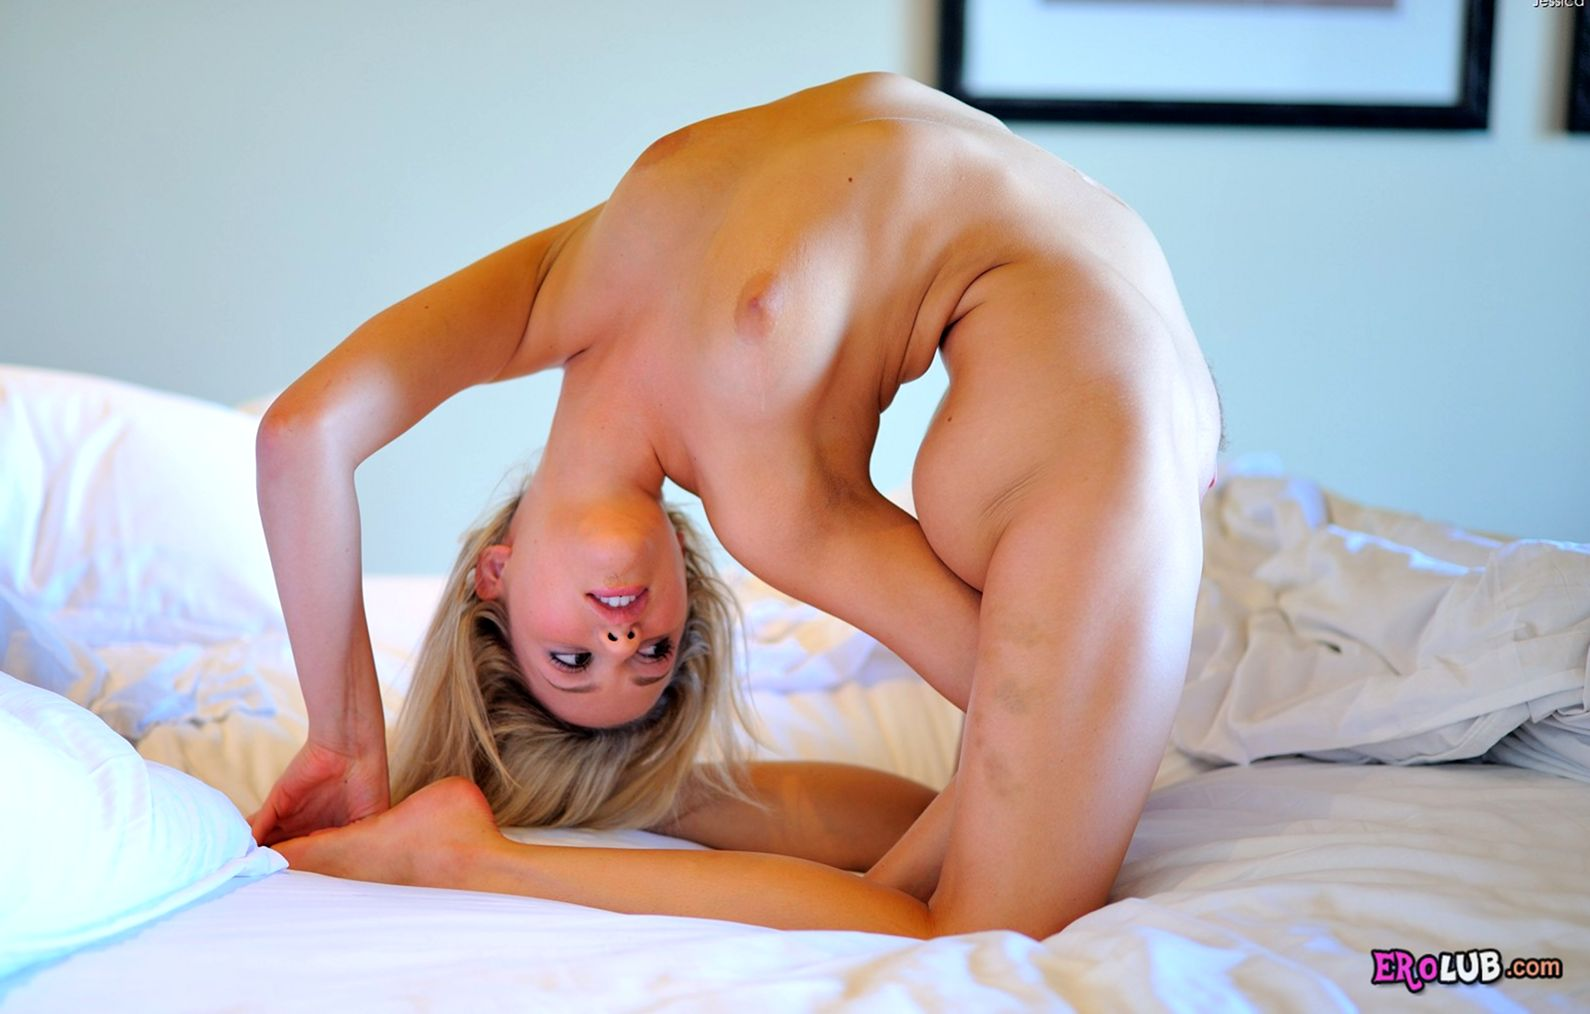 Рубрика Оральный секс  Возбуждениеcom